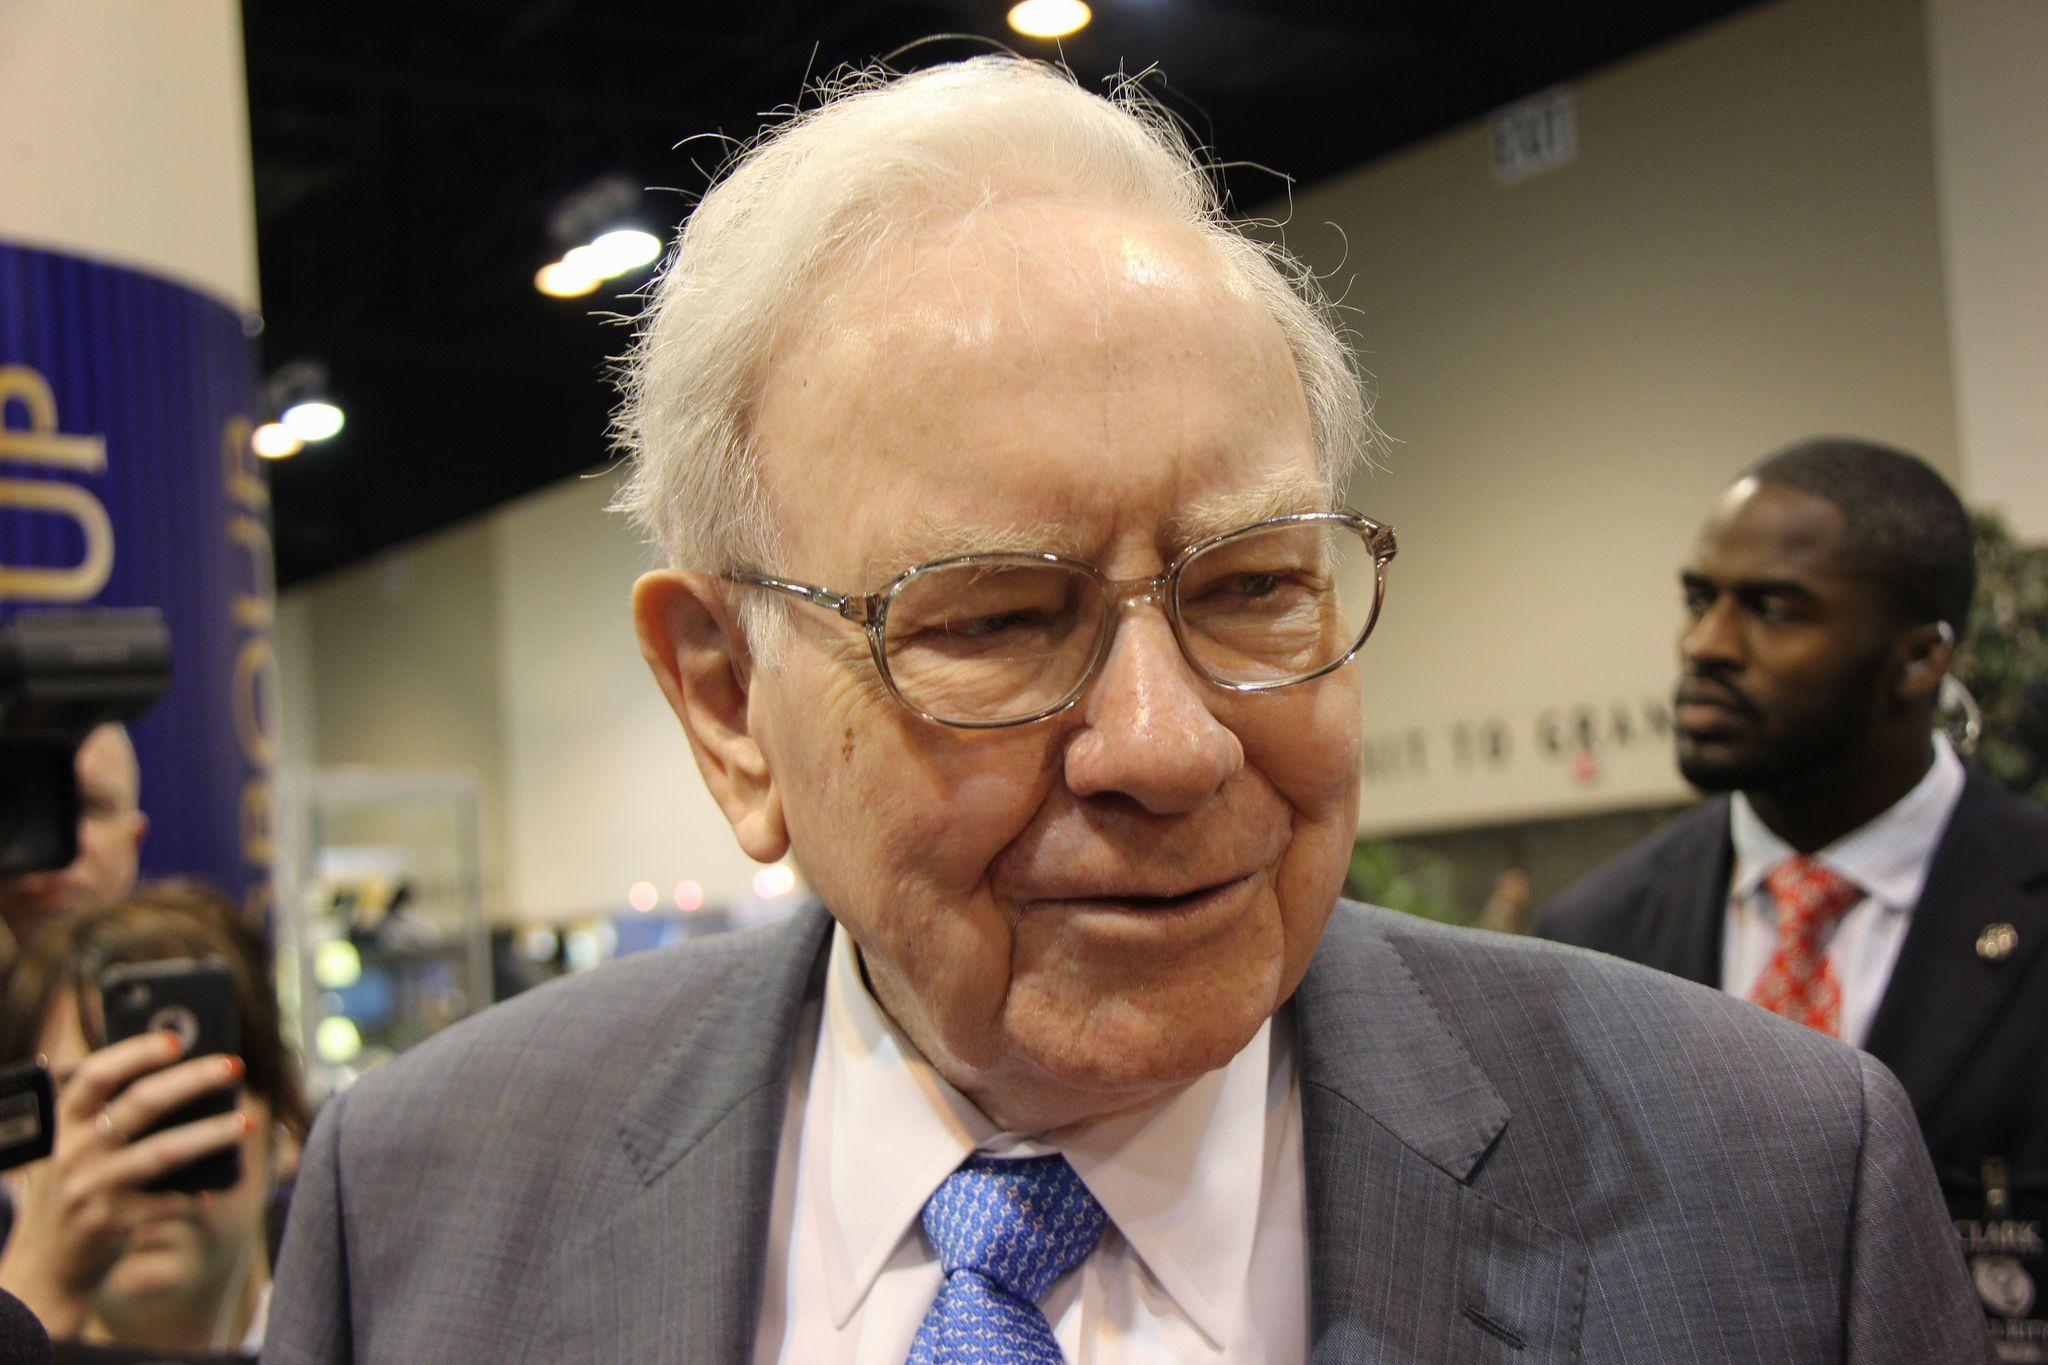 Warren Buffett speaking with reporters